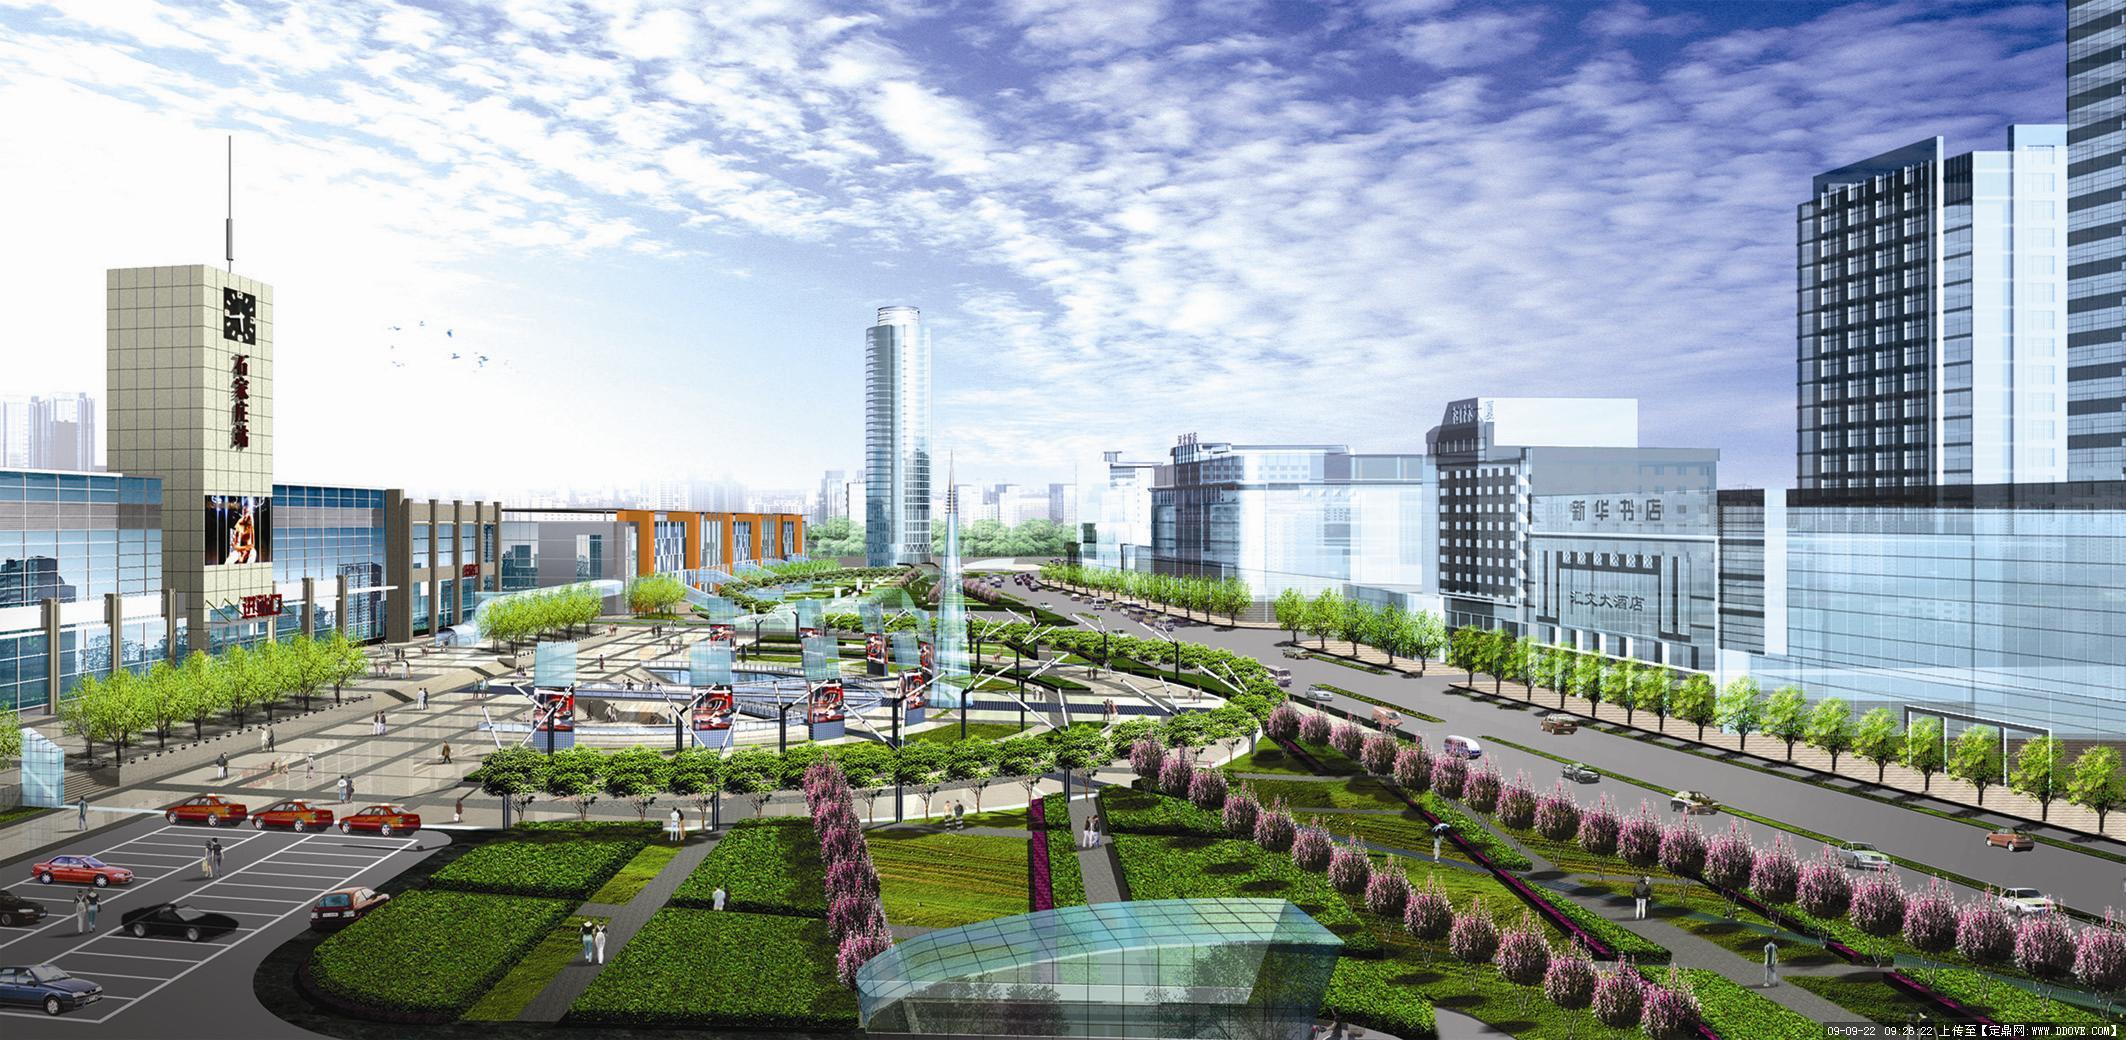 石家庄火车站外环境景观设计